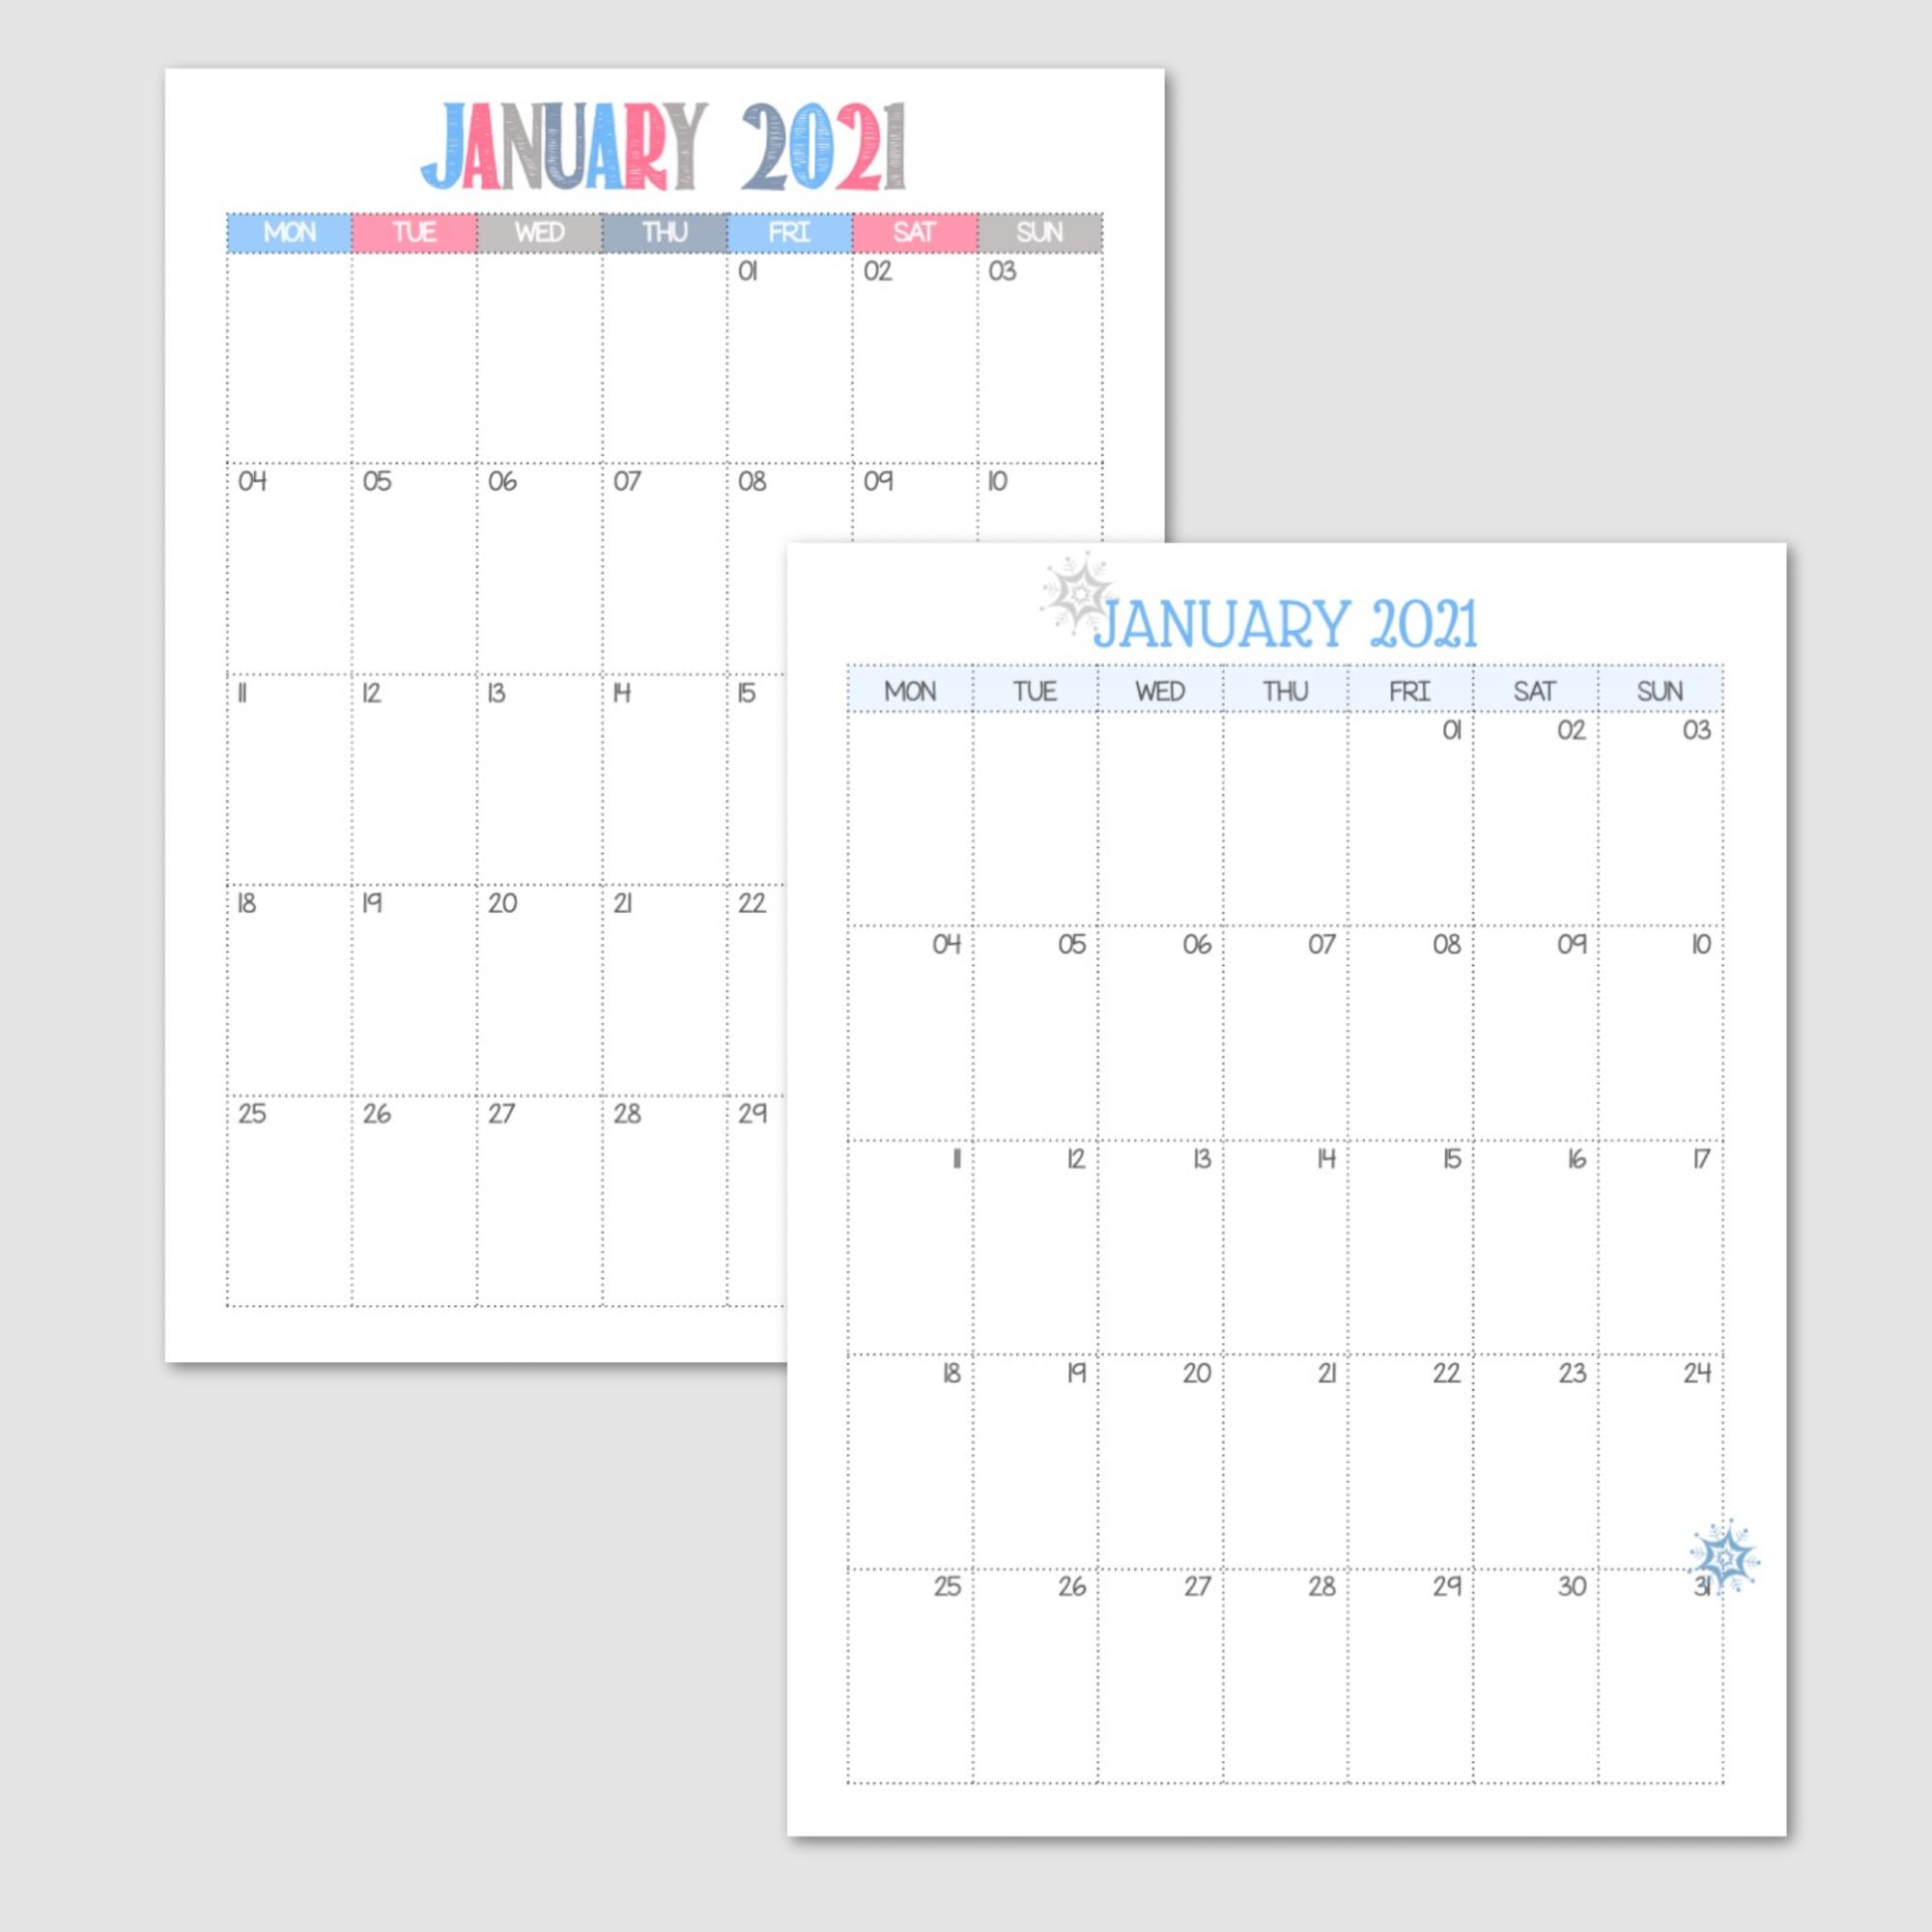 January 2021 Monday Start.png